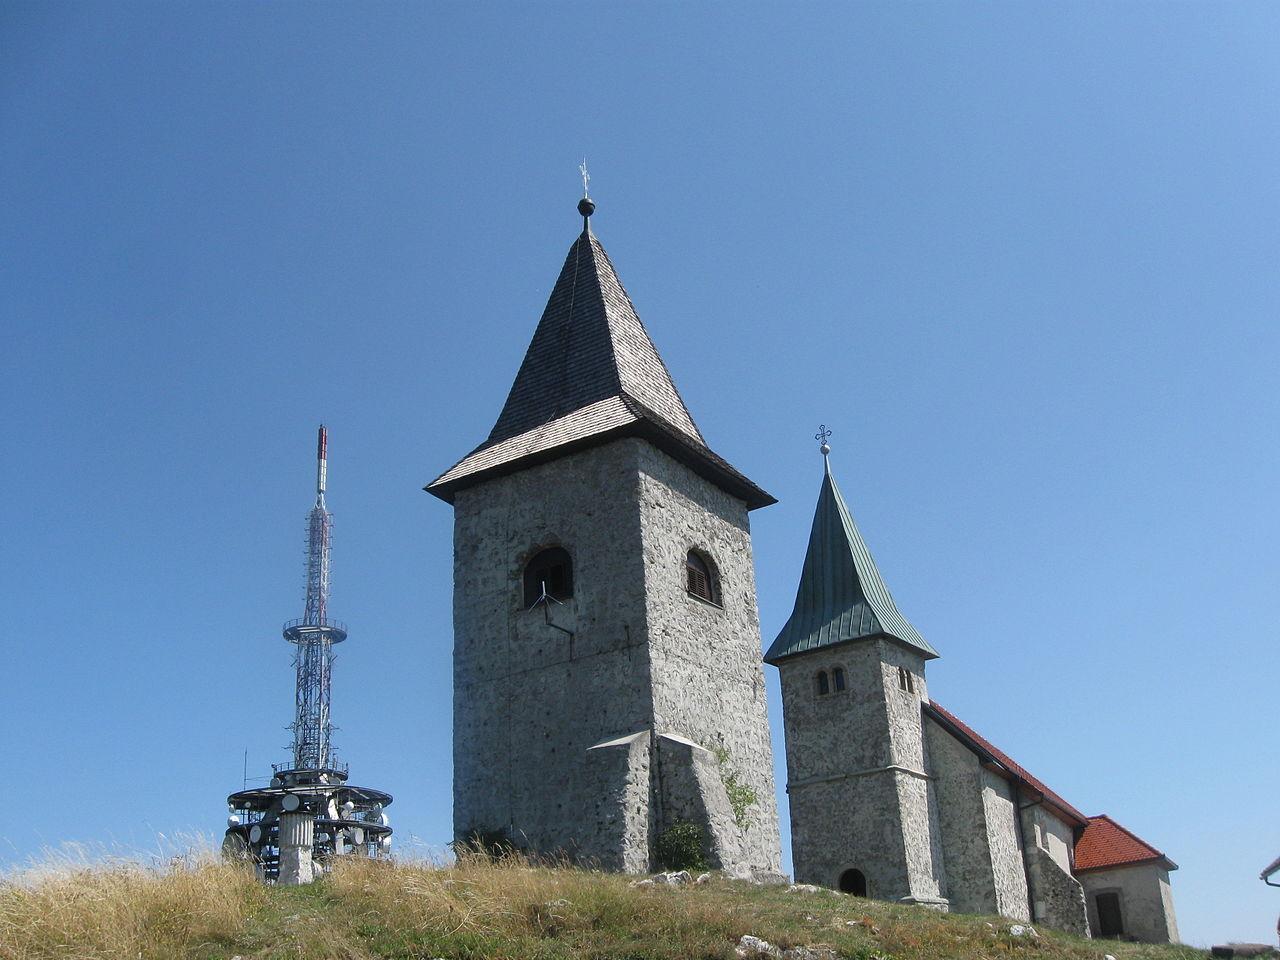 Kum cerkev oddajnik 1.jpg